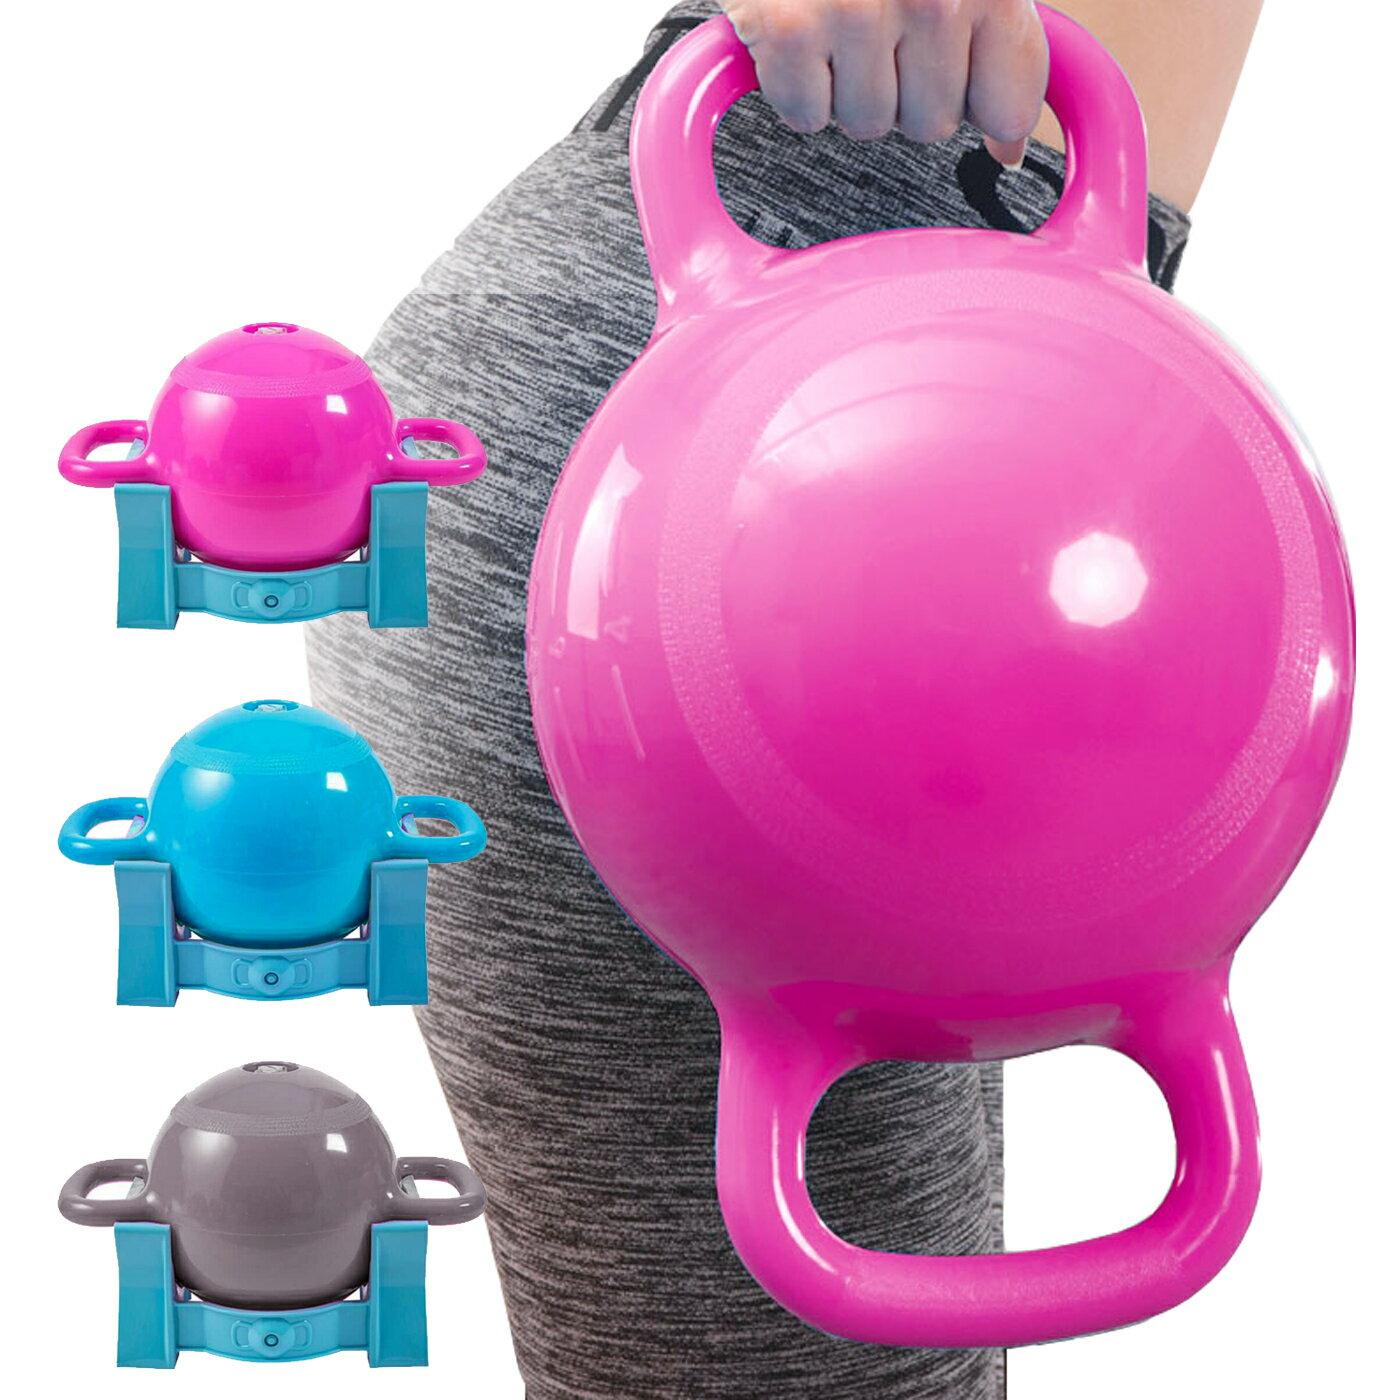 水壺鈴含底座/健身瑜珈重訓/雙耳雙手把/1.2-12磅可調整式/注水壺鈴/水提壺水藥球水瑜珈球【Fitek健身網】